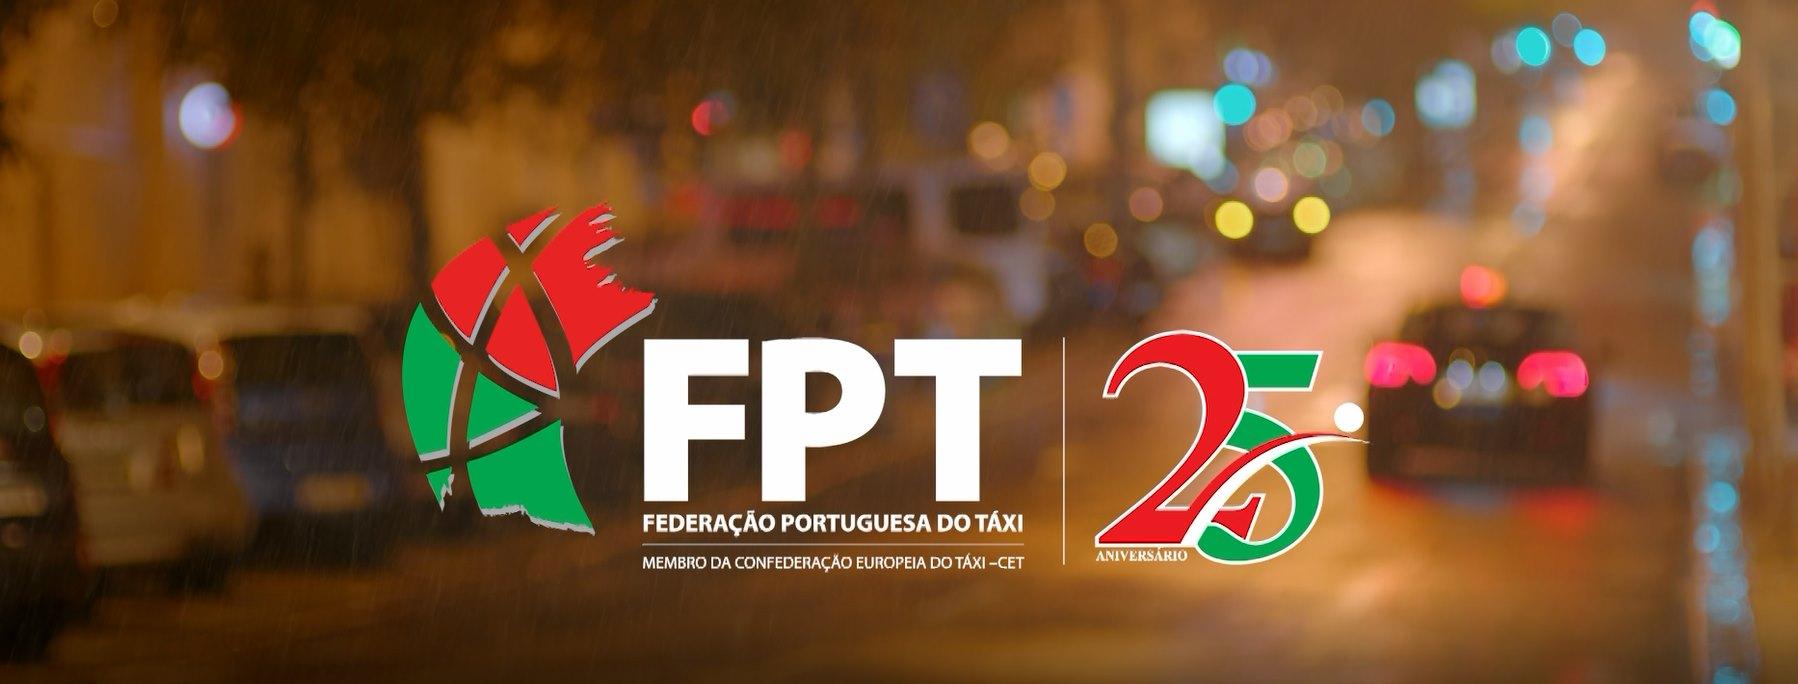 El taxi portugués se promociona en la televisión